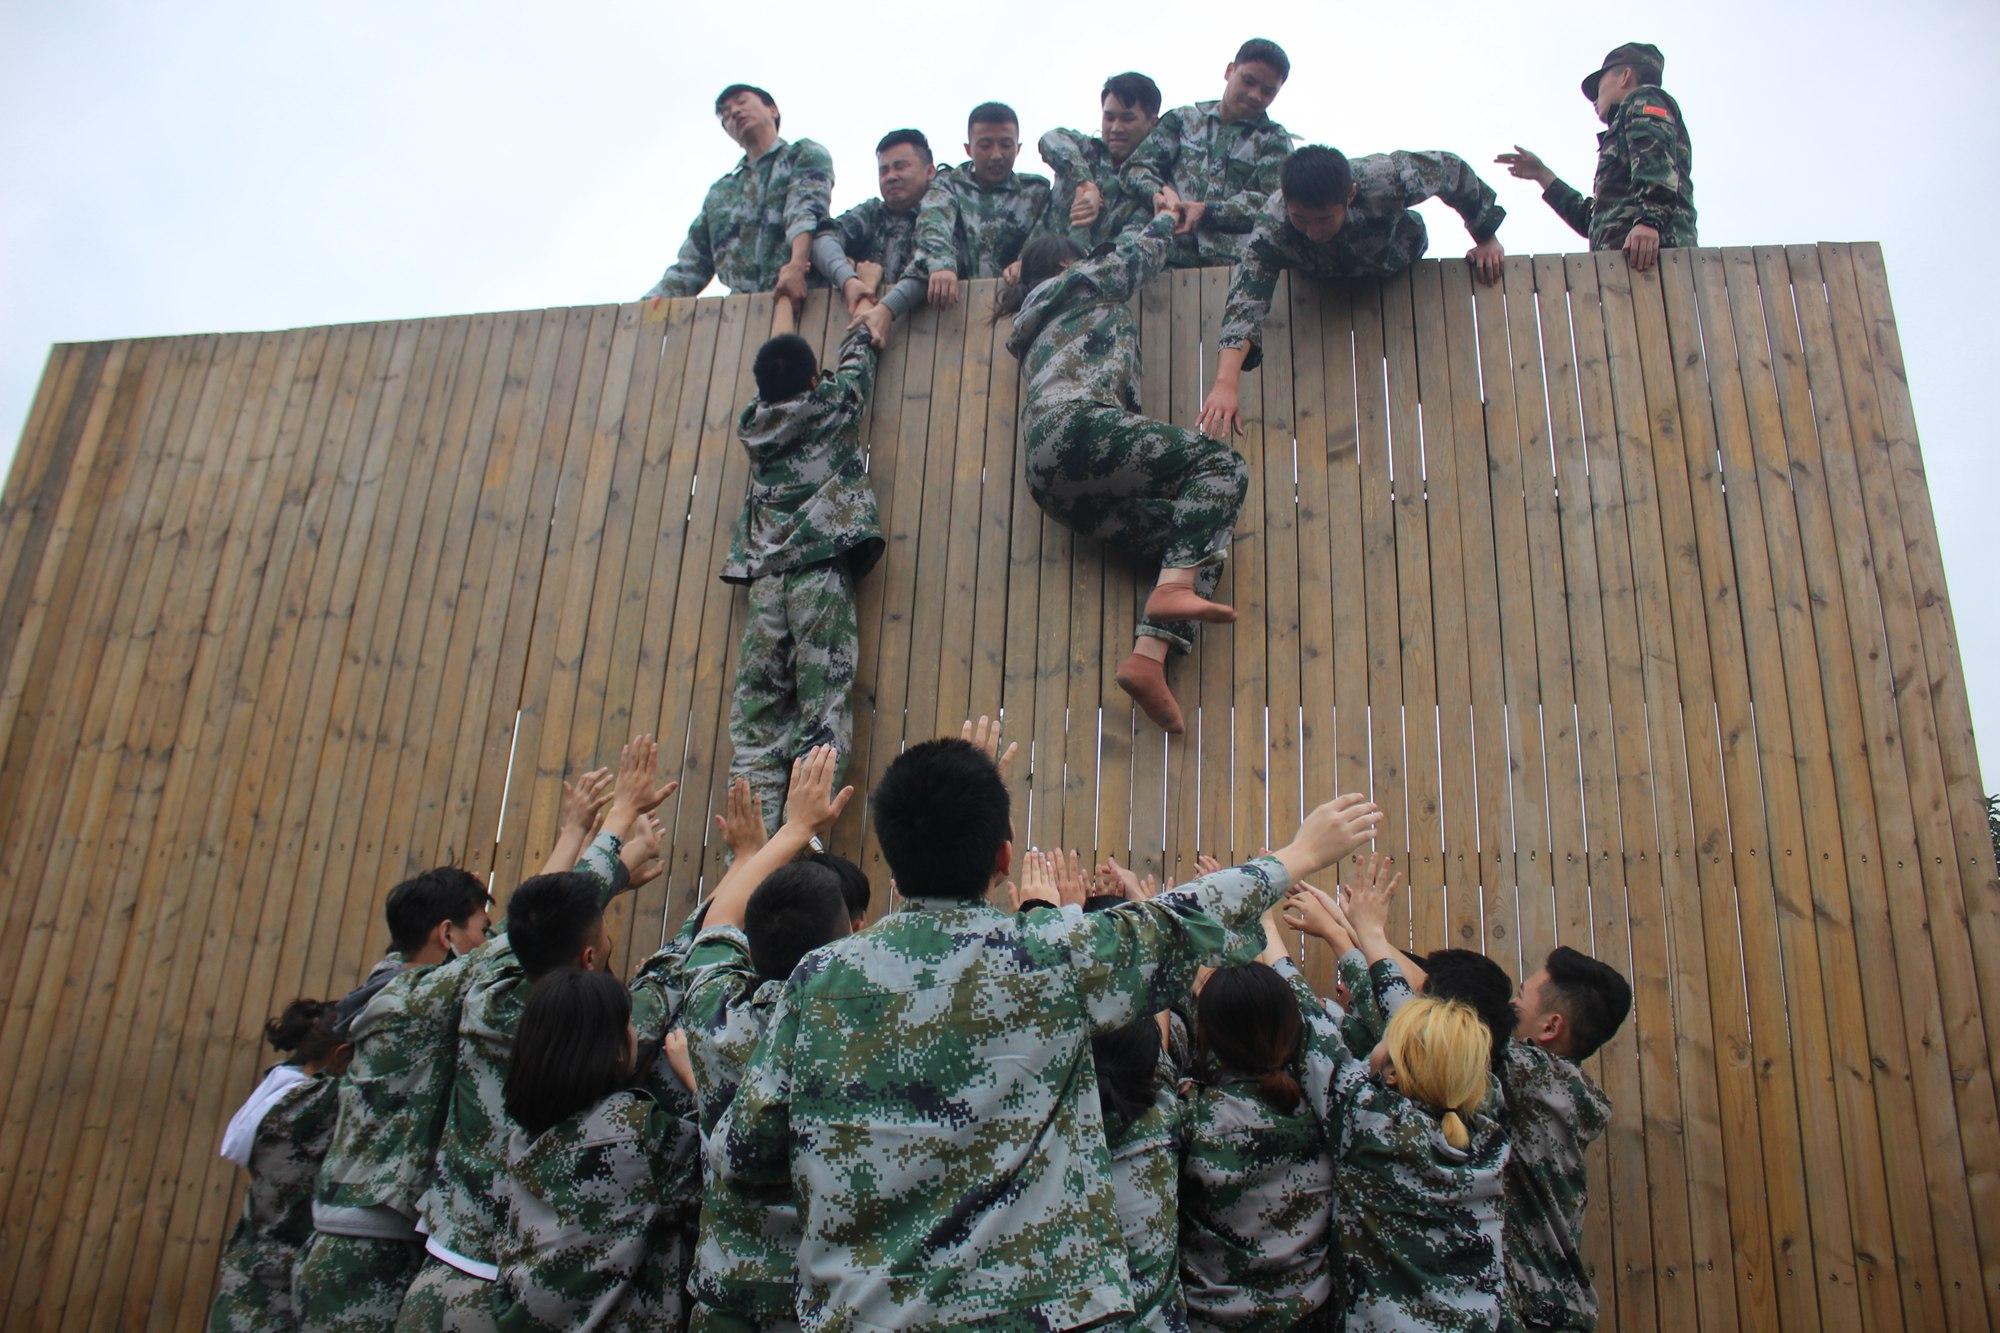 单位员工户外拓展训练心得体会:拓展训练是一种精神